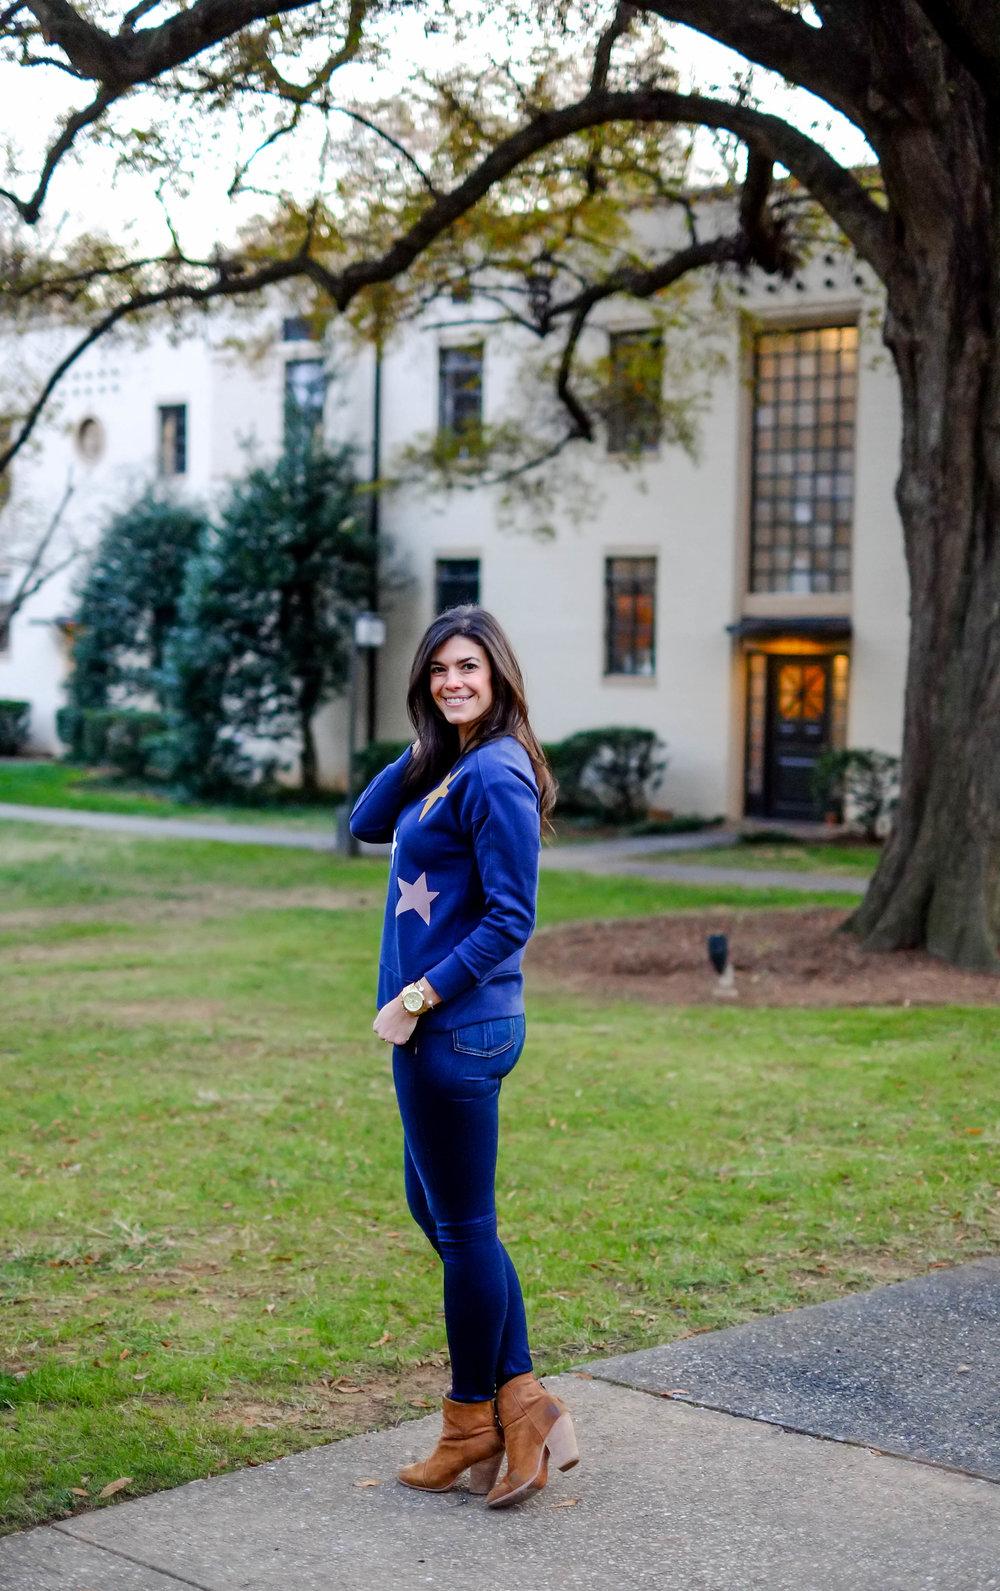 jeans-booties-cute-sweatshirt-lauren-schwaiger-style-blogger.jpg